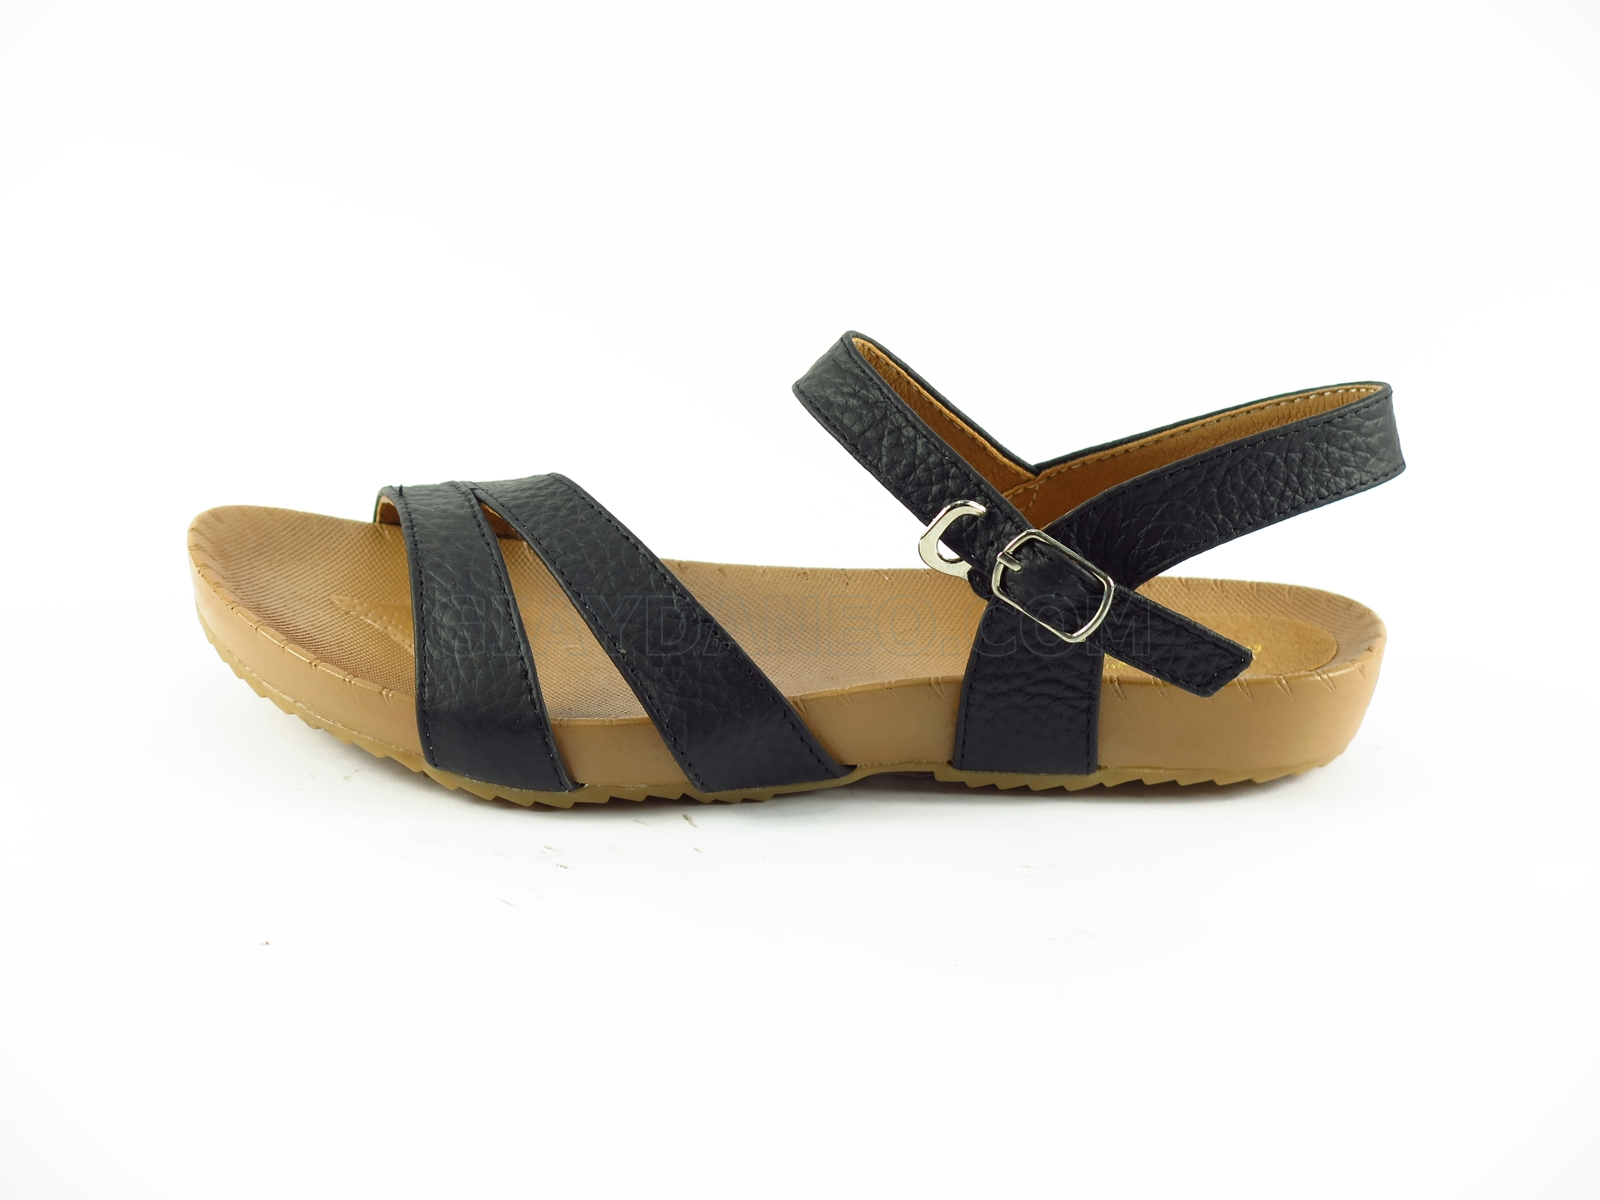 Sandal bệt nữ, quai vắt chéo, màu đen